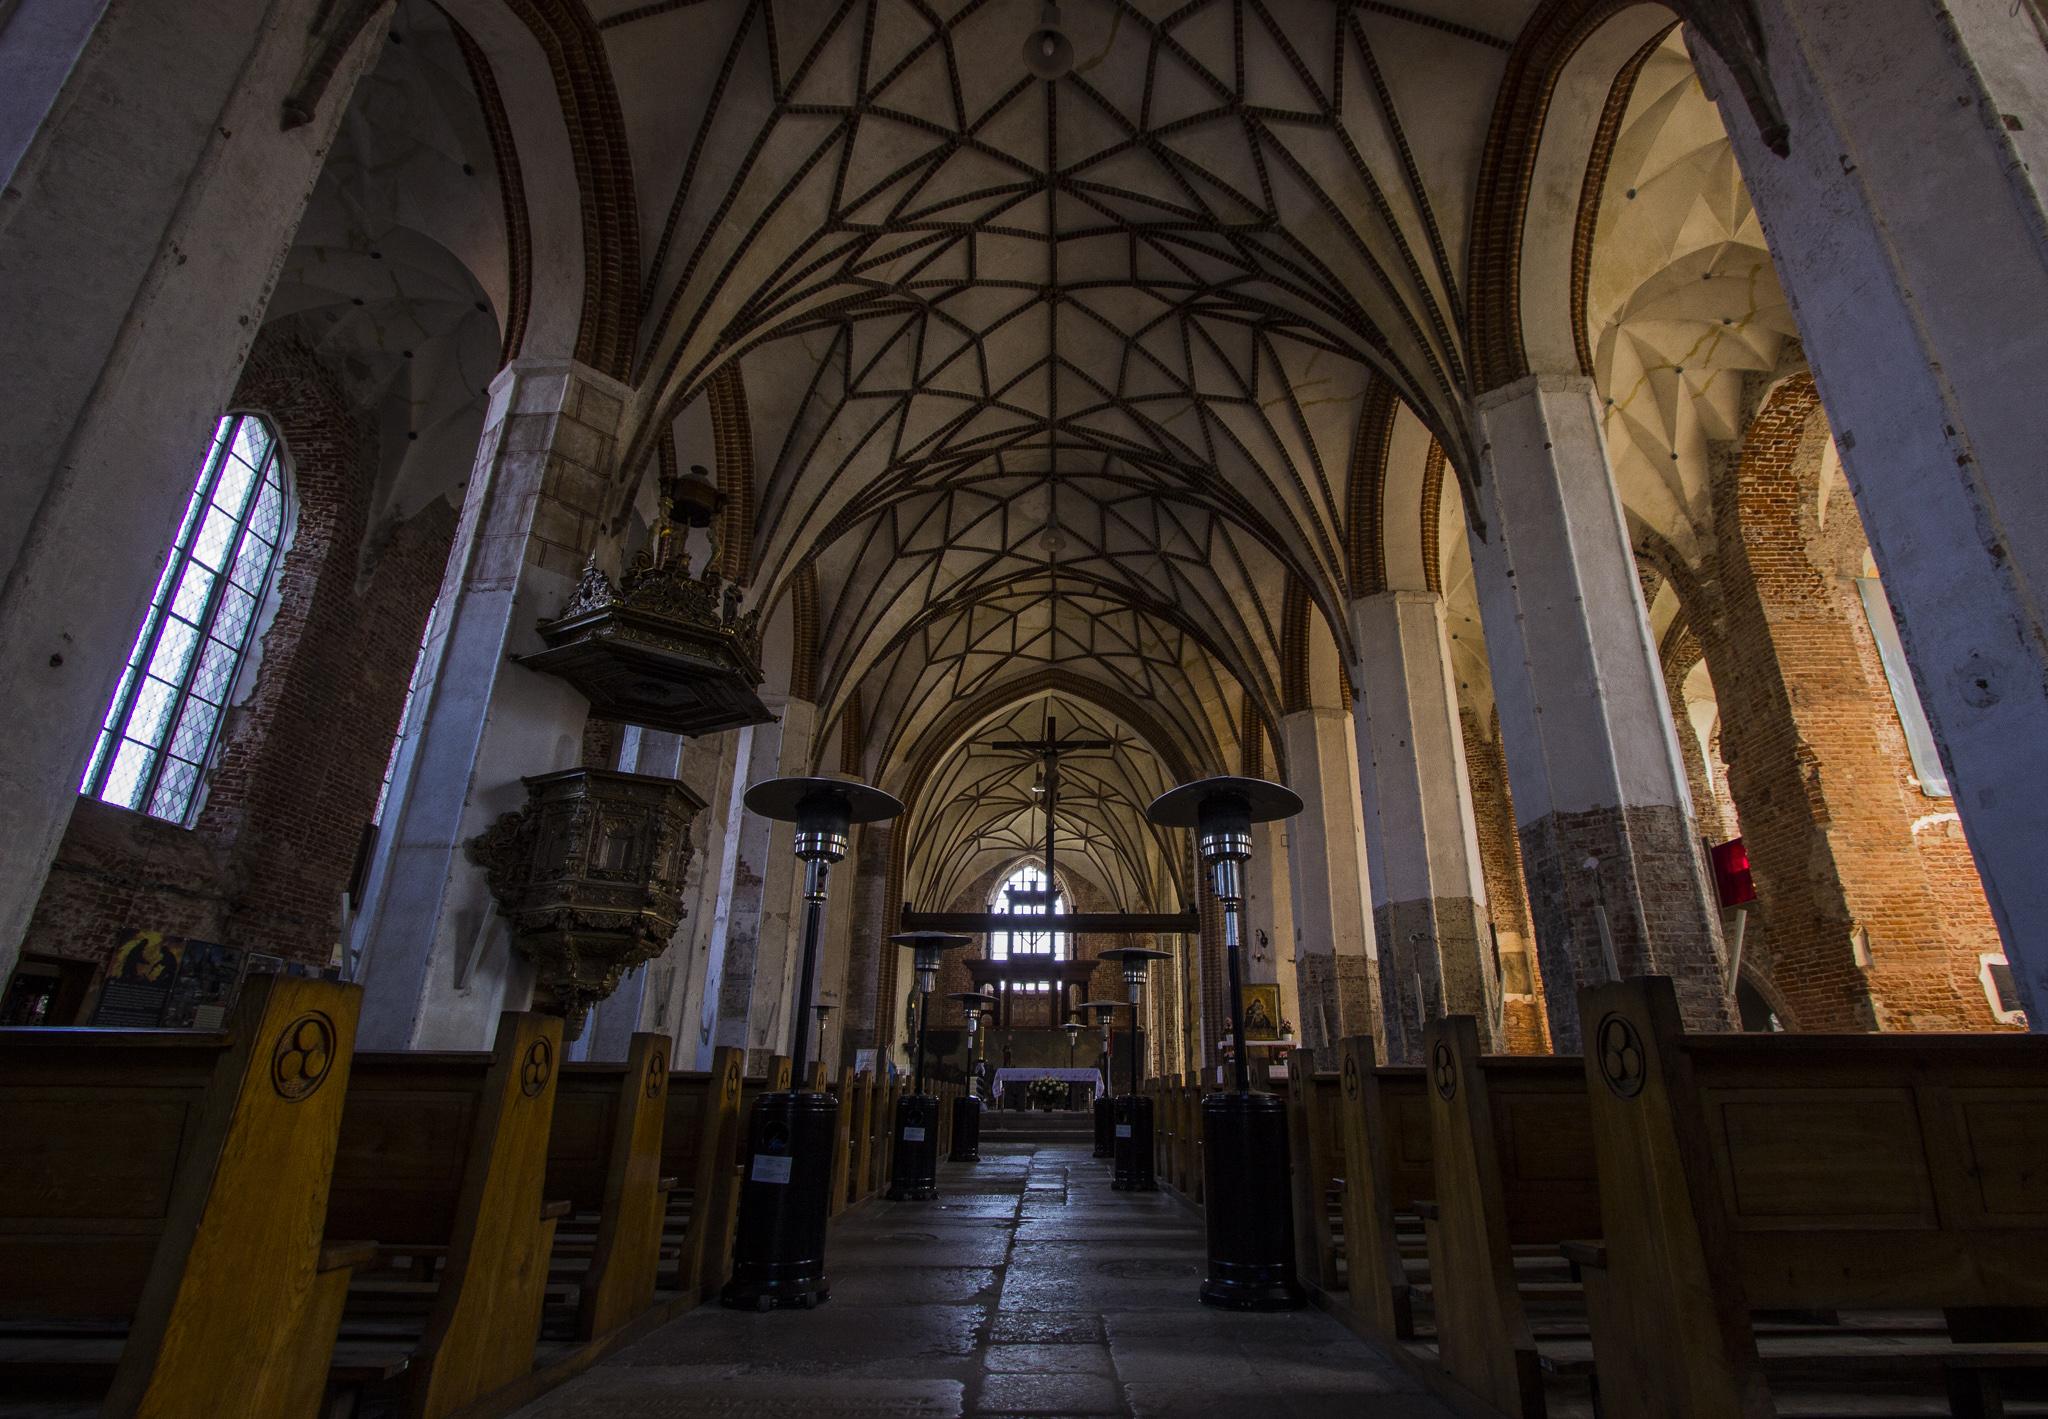 W 2006 roku doszło tutaj do głośnego pożaru, w wyniku którego zawalił się dach, ale nie ucierpiało wnętrze kościoła. Udało się również uratować wieżę. Całe wydarzenie opisane jest na ścianie, w bocznej nawie świątyni.